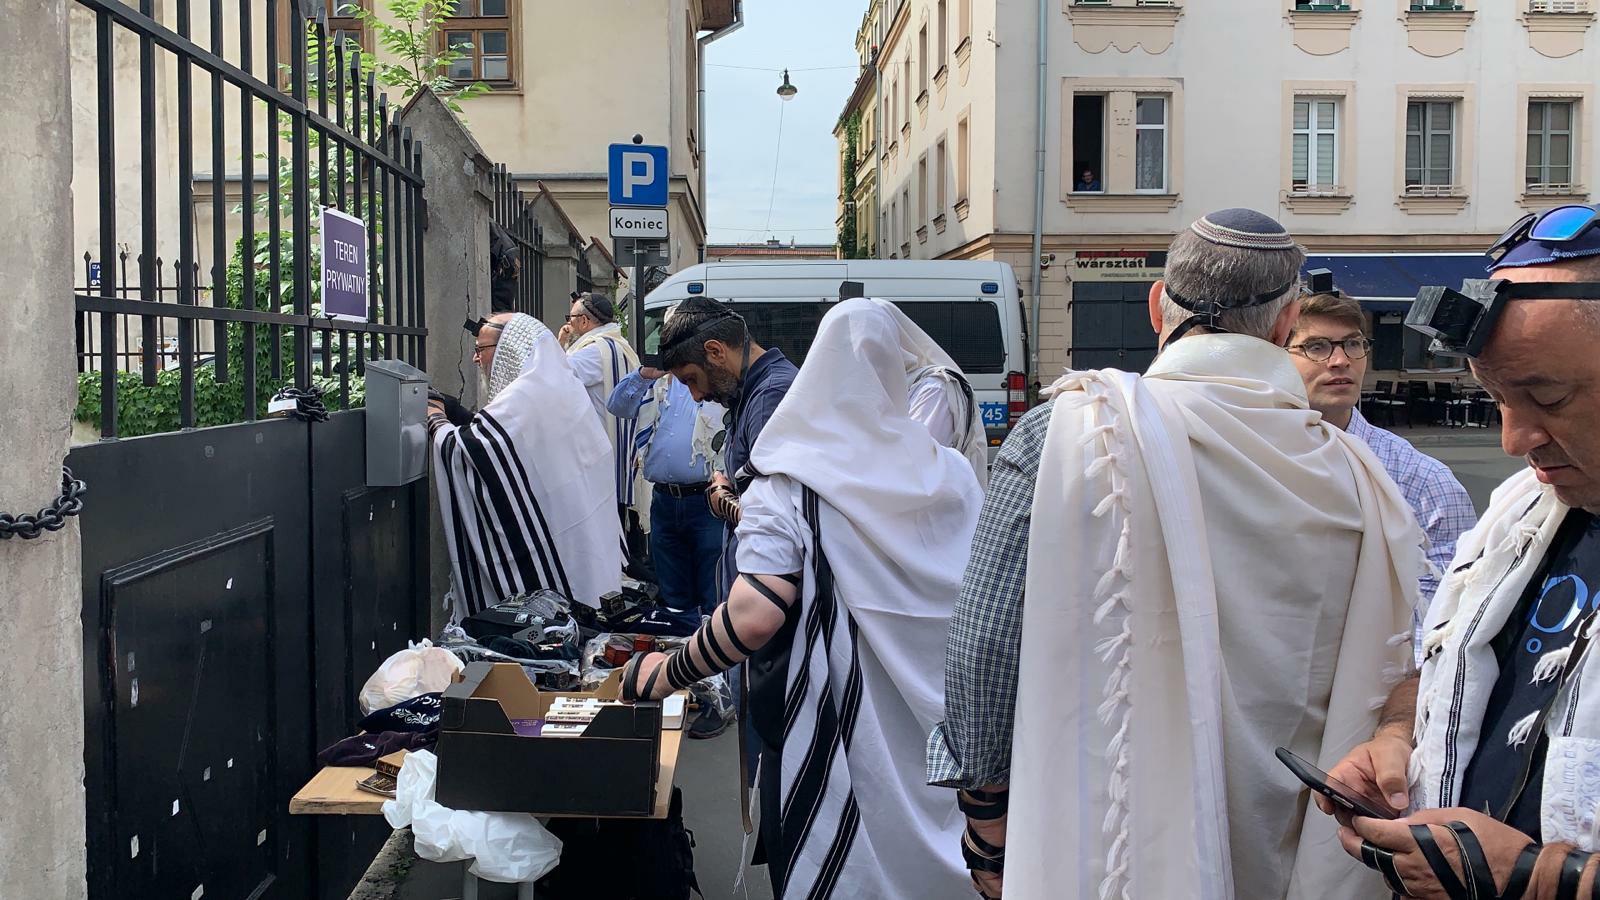 התפילה מחוץ לבית הכנסת בקראקוב